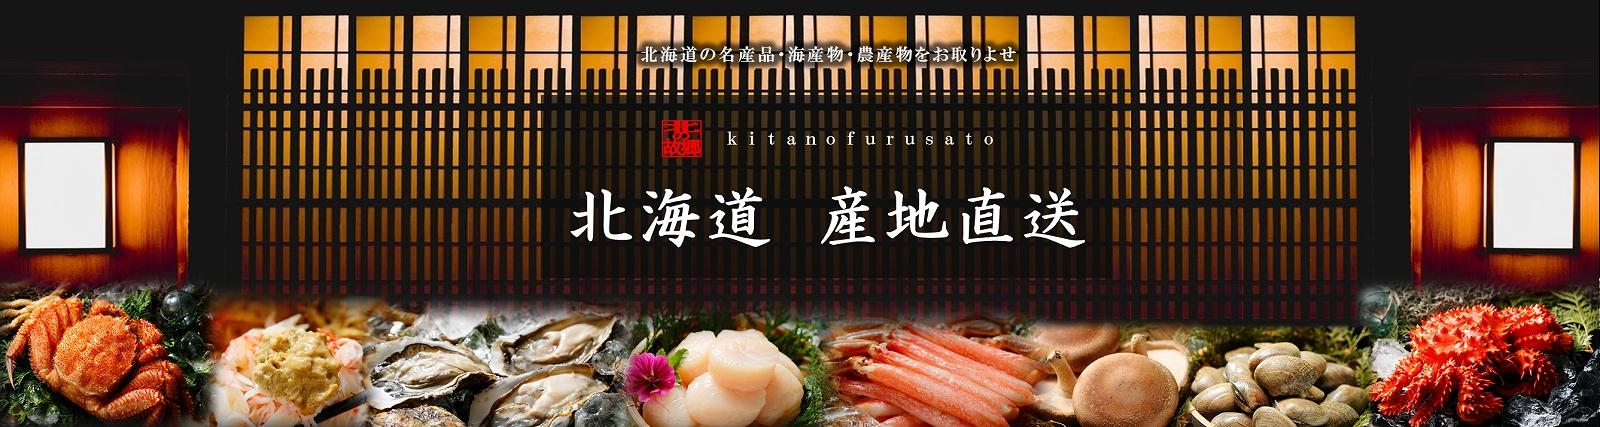 北のふるさと:北海道のこだわりを持って名産品・海産物・農産物をお取り寄せ